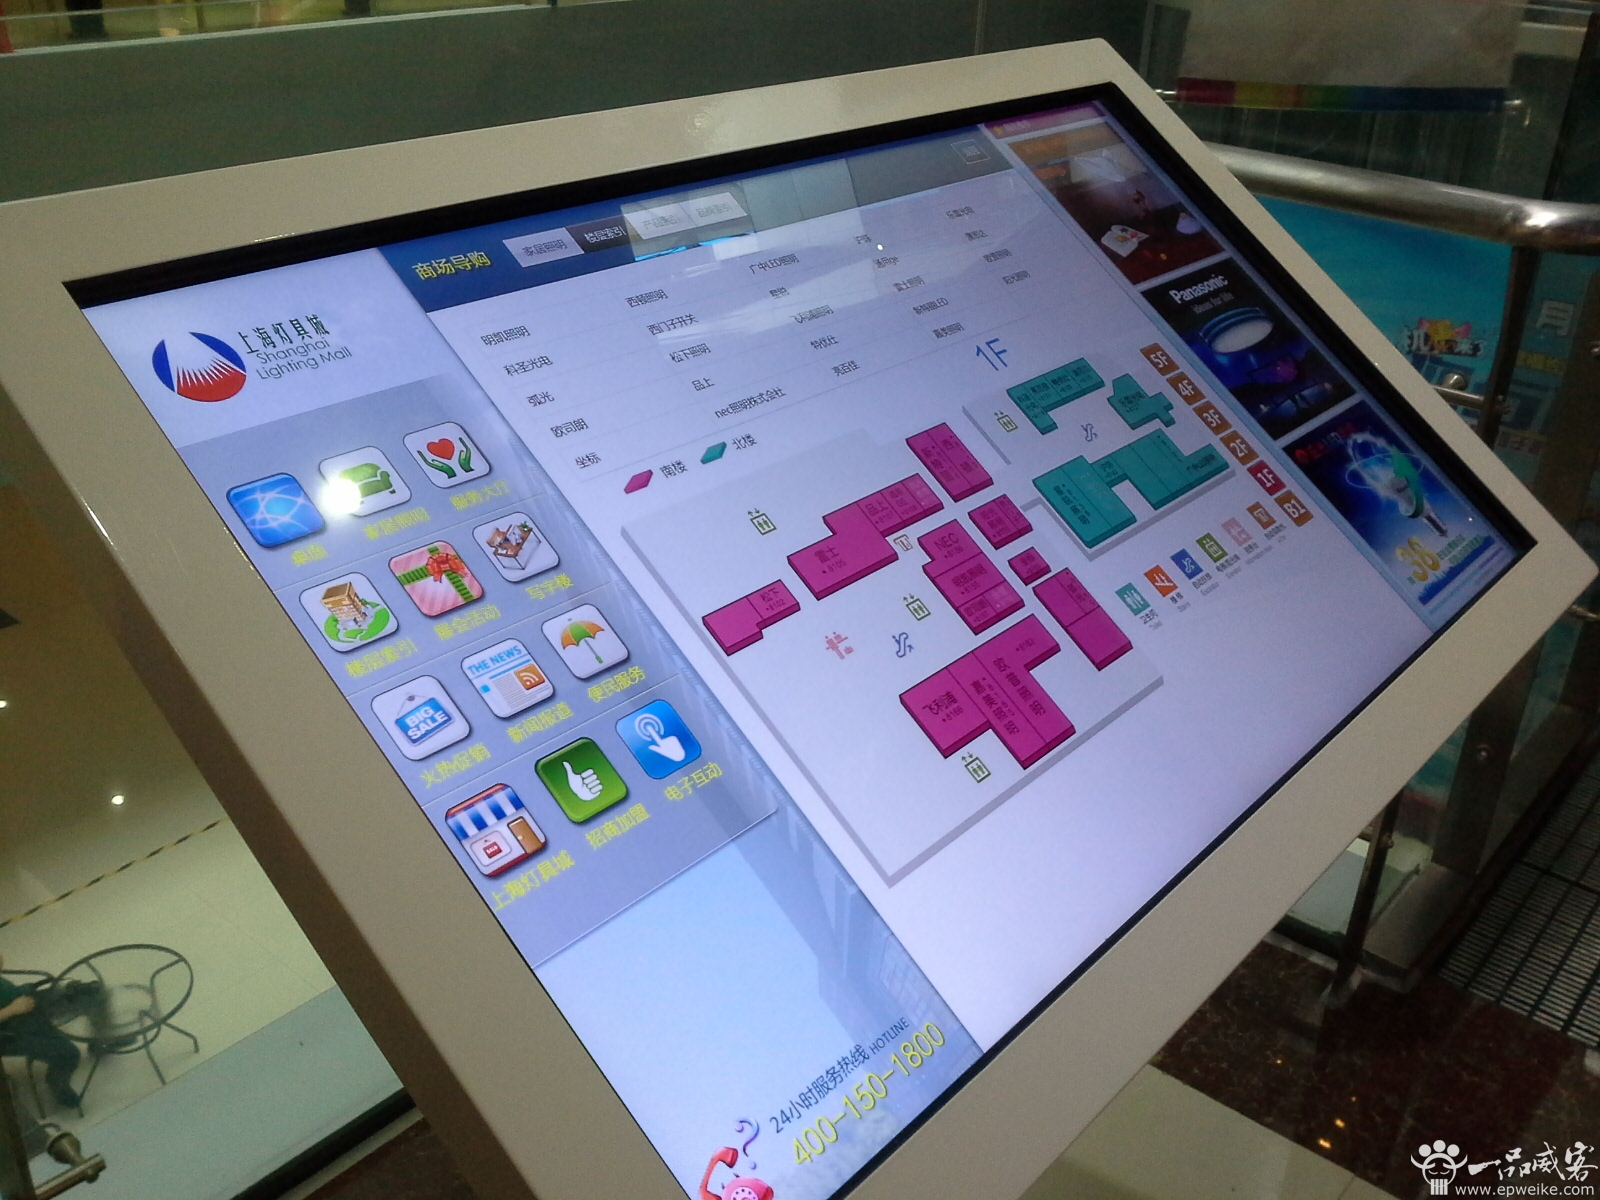 平板电脑 1600_1200